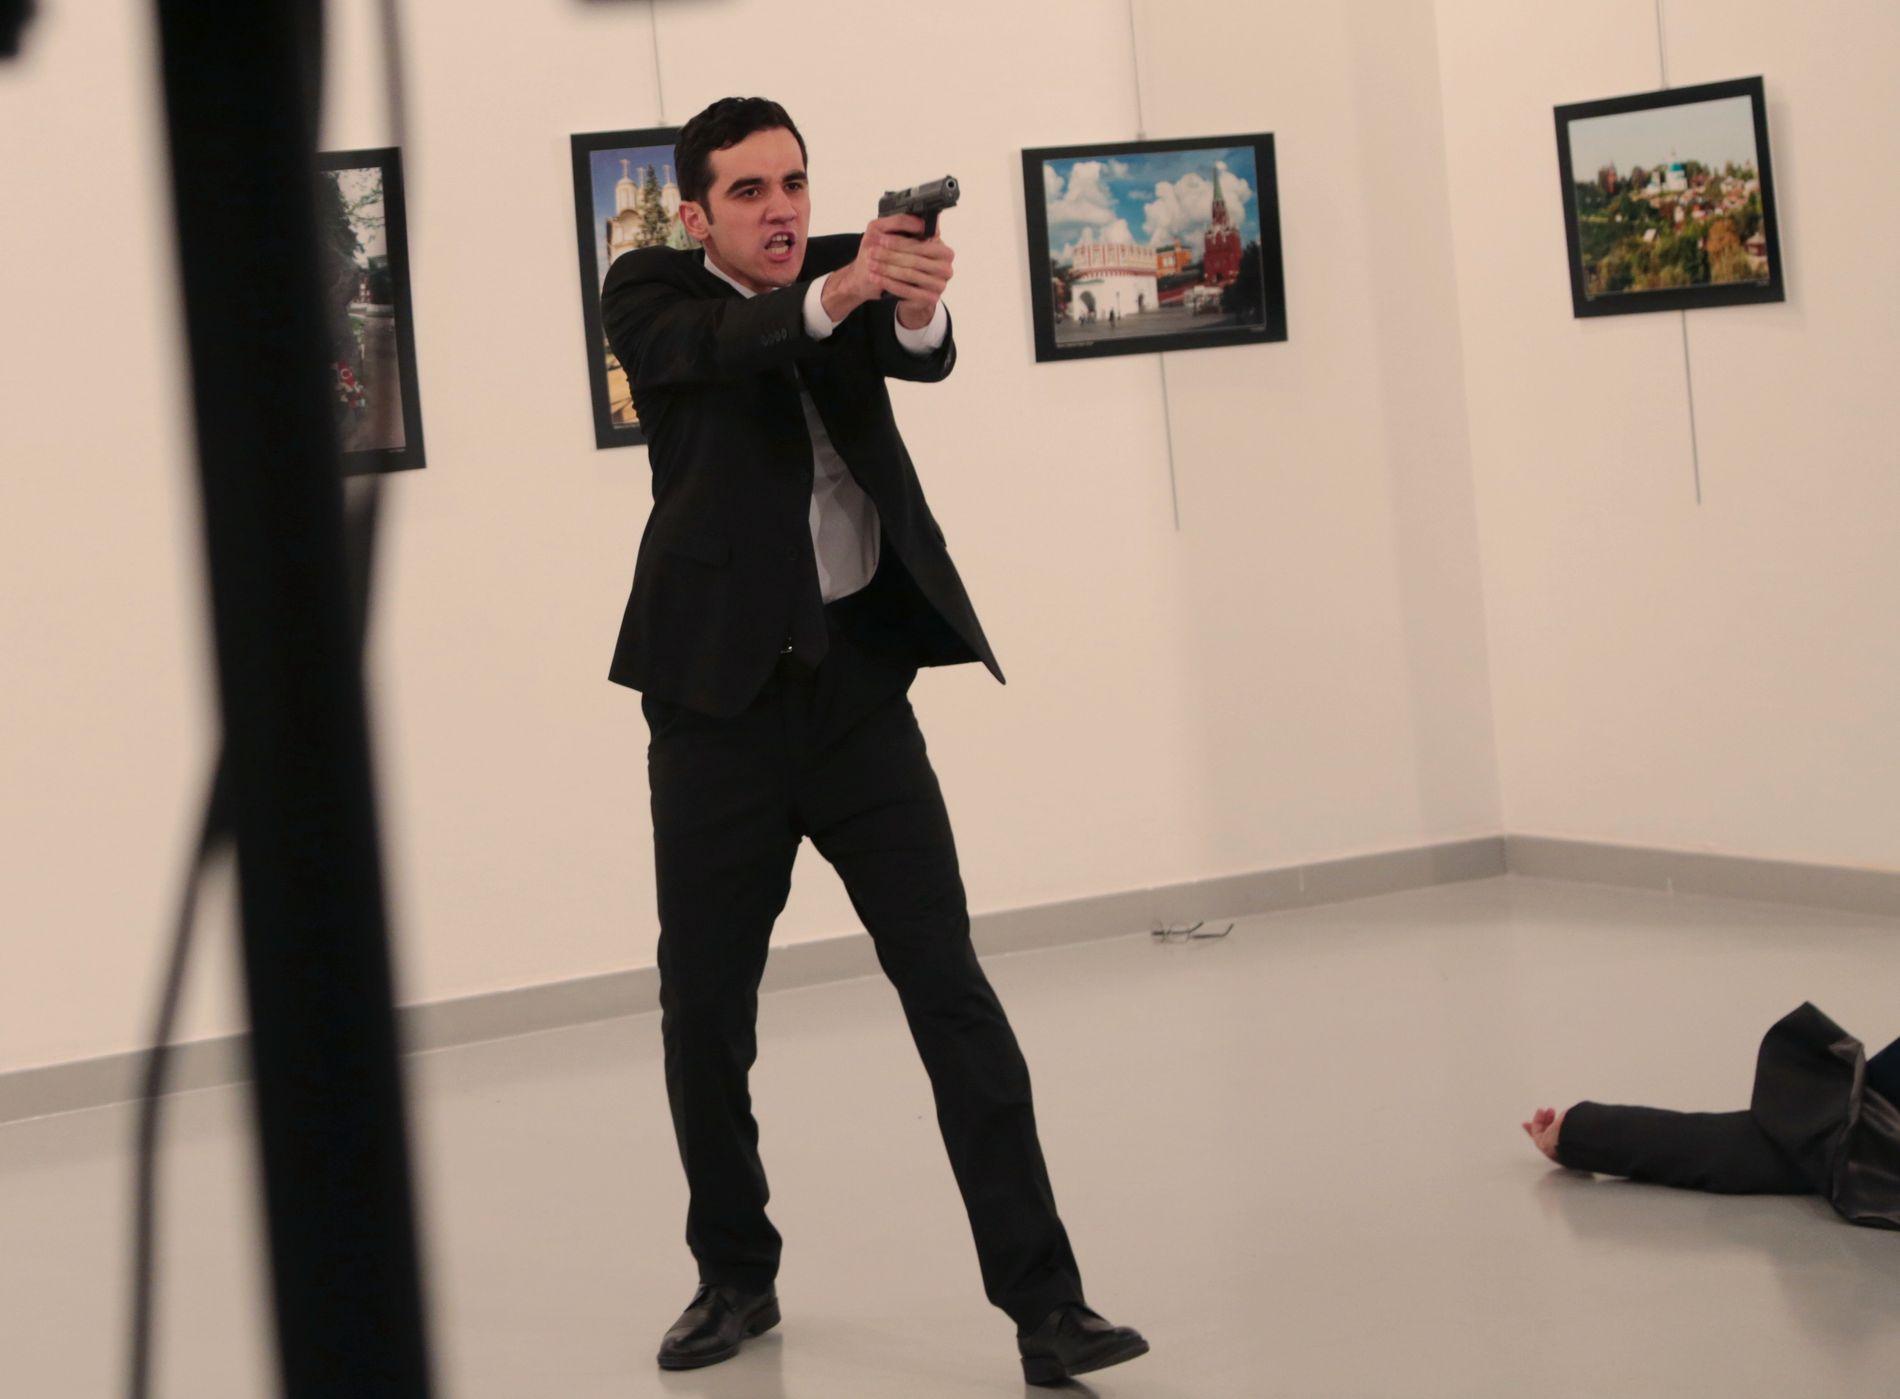 - SKJØT: Ifølge flere medier skal dette være gjerningsmannen som skjøt og drepte den russiske ambassadøren (liggende på gulvet).